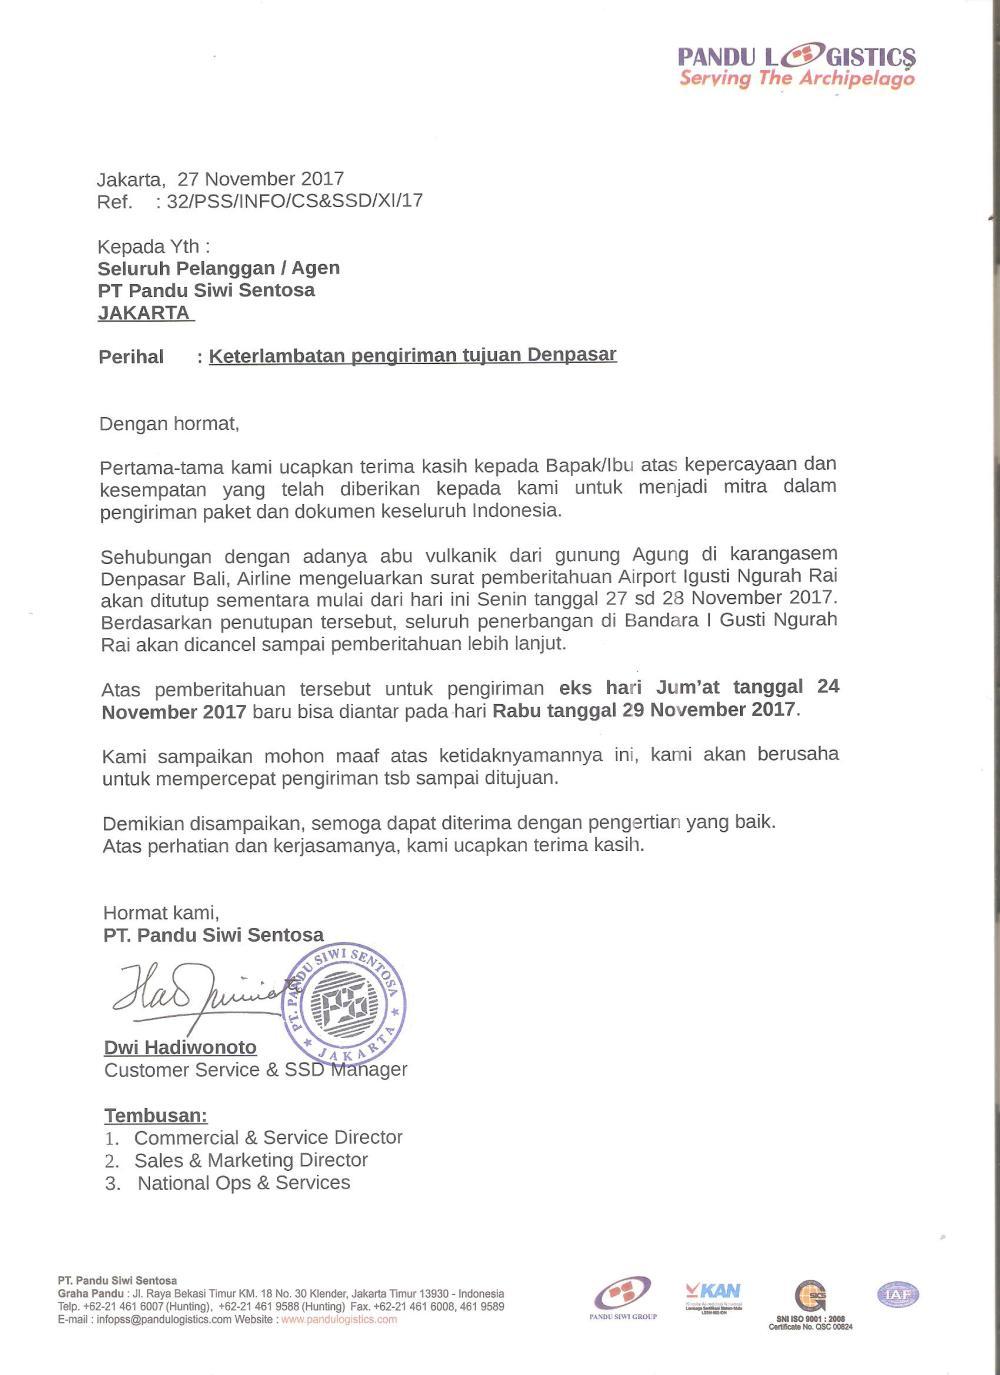 2. Contoh Surat Permohonan Maaf Perusahaan Kepada Pelanggan Karena Keterlambatan Pengiriman